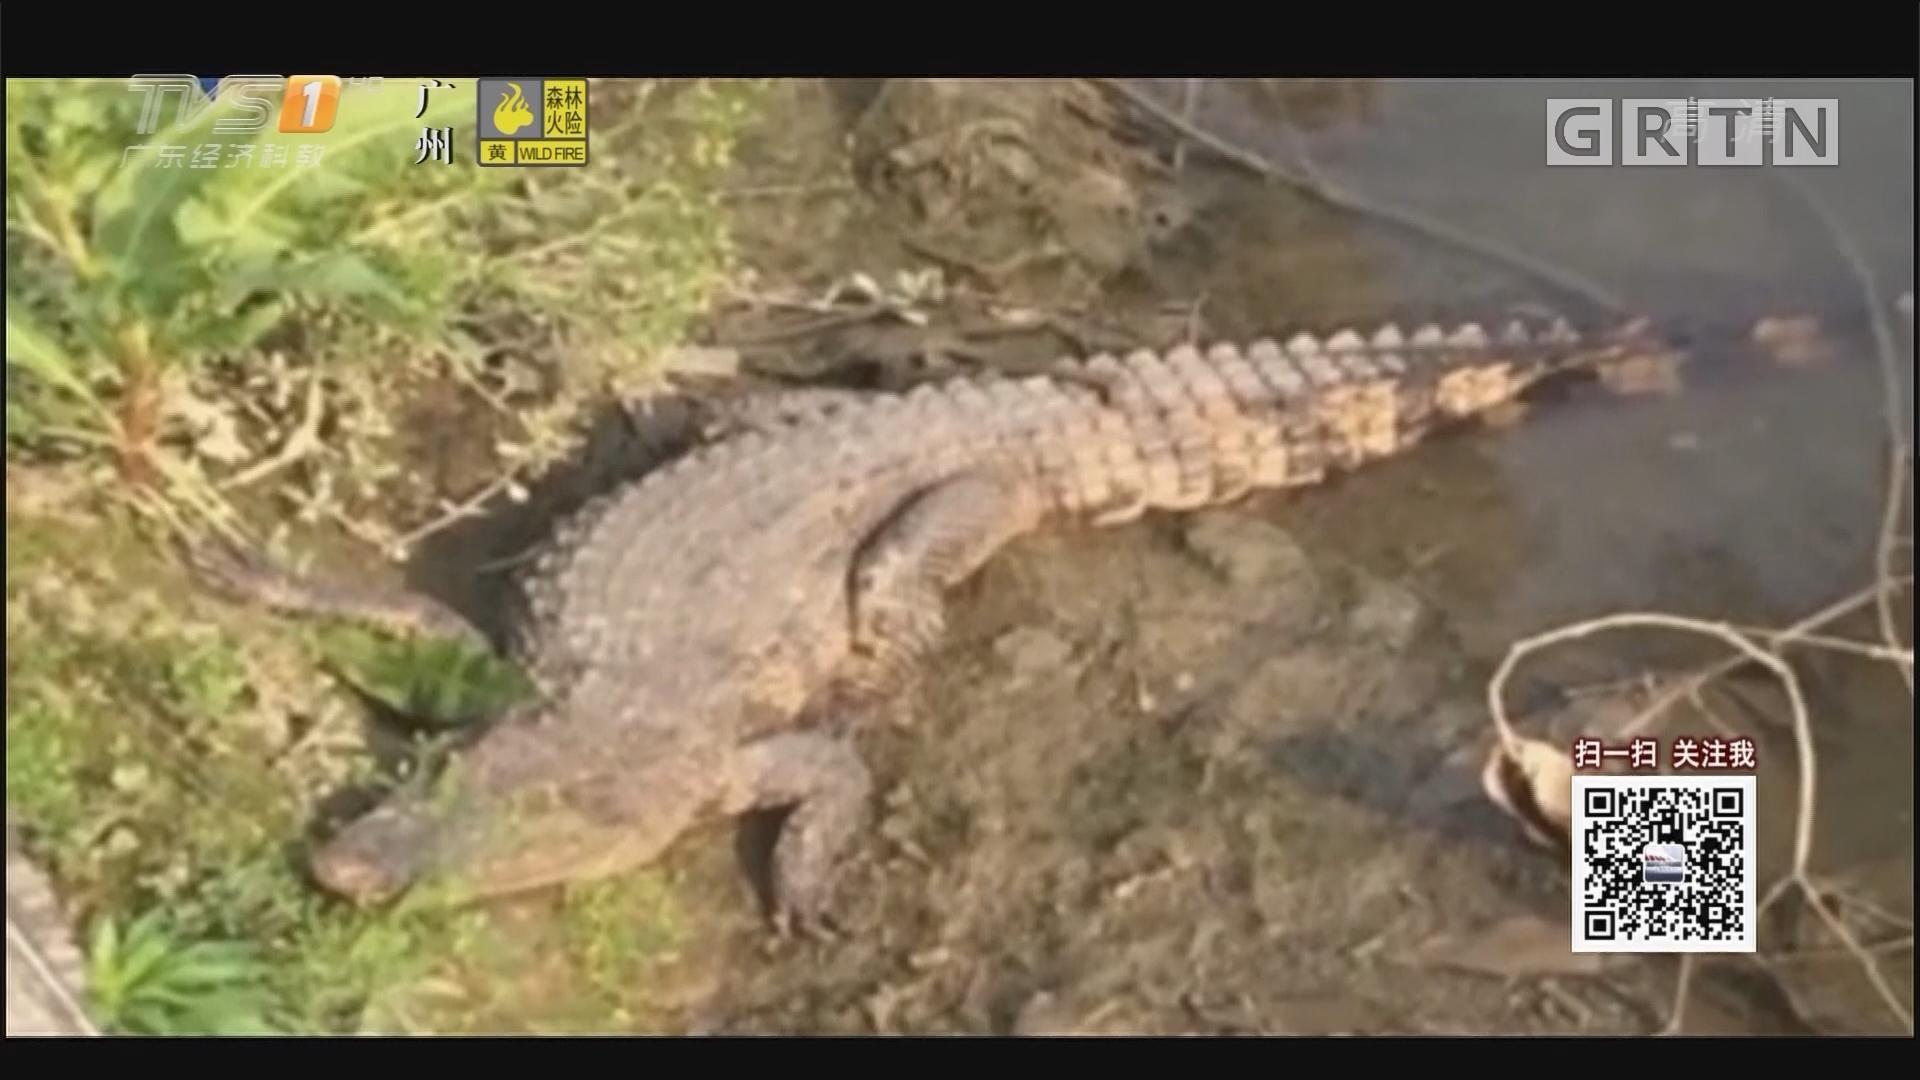 河涌传怪声 竟是一米多长鳄鱼出逃